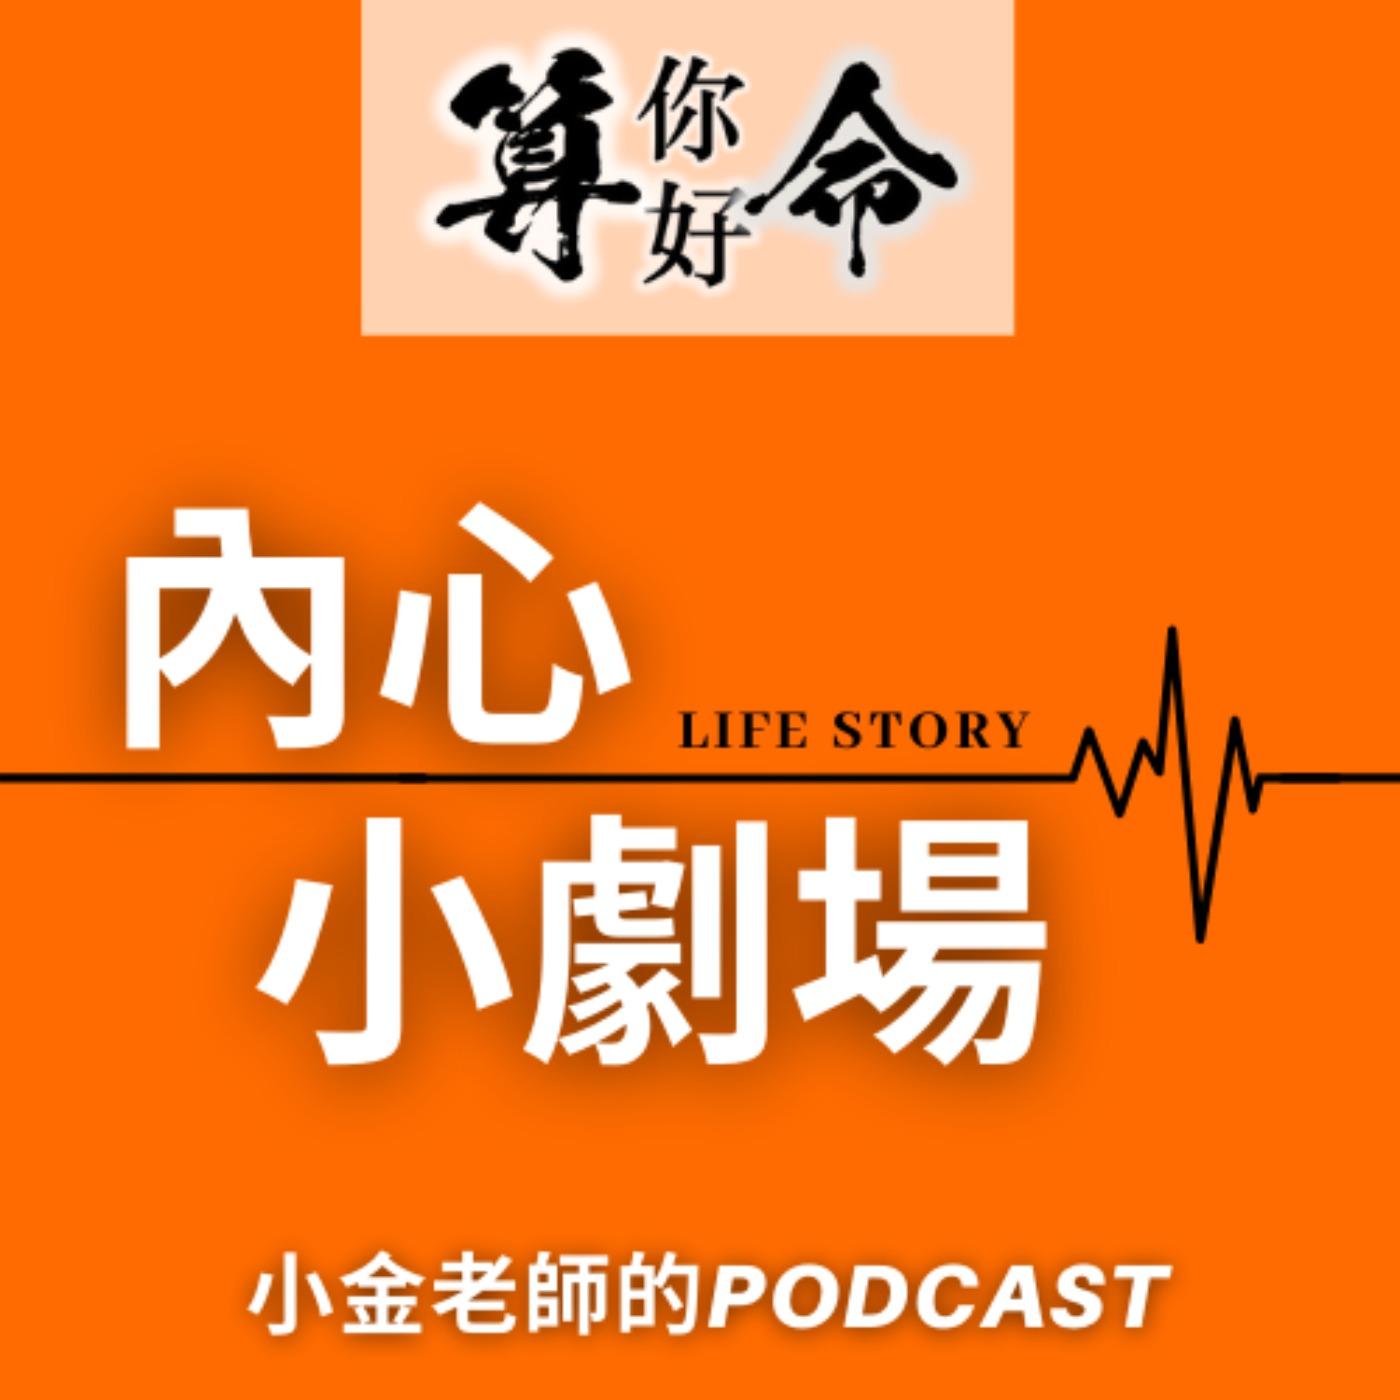 89-內心小劇場 拿性命開玩笑-紇幹狐尾的故事